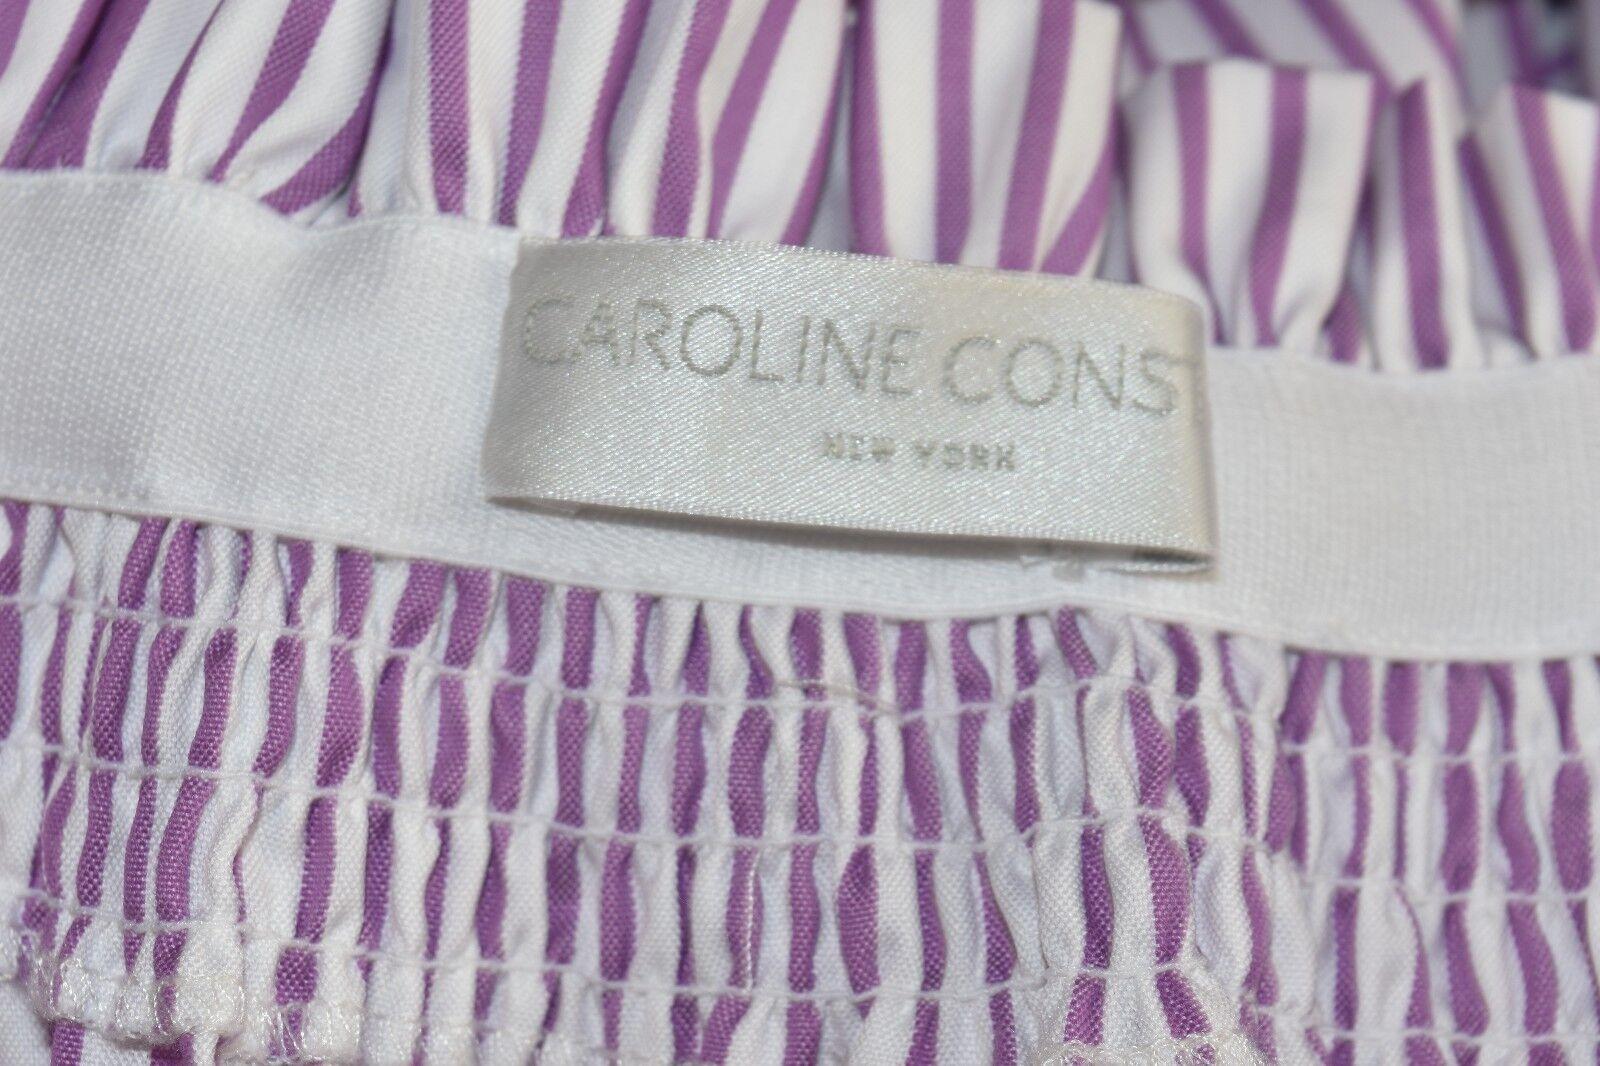 Nuovo Caroline Constas Lou Lou Lou con Spalle Scoperte Vestito a Righe Viola BIANCO S 8bc84f